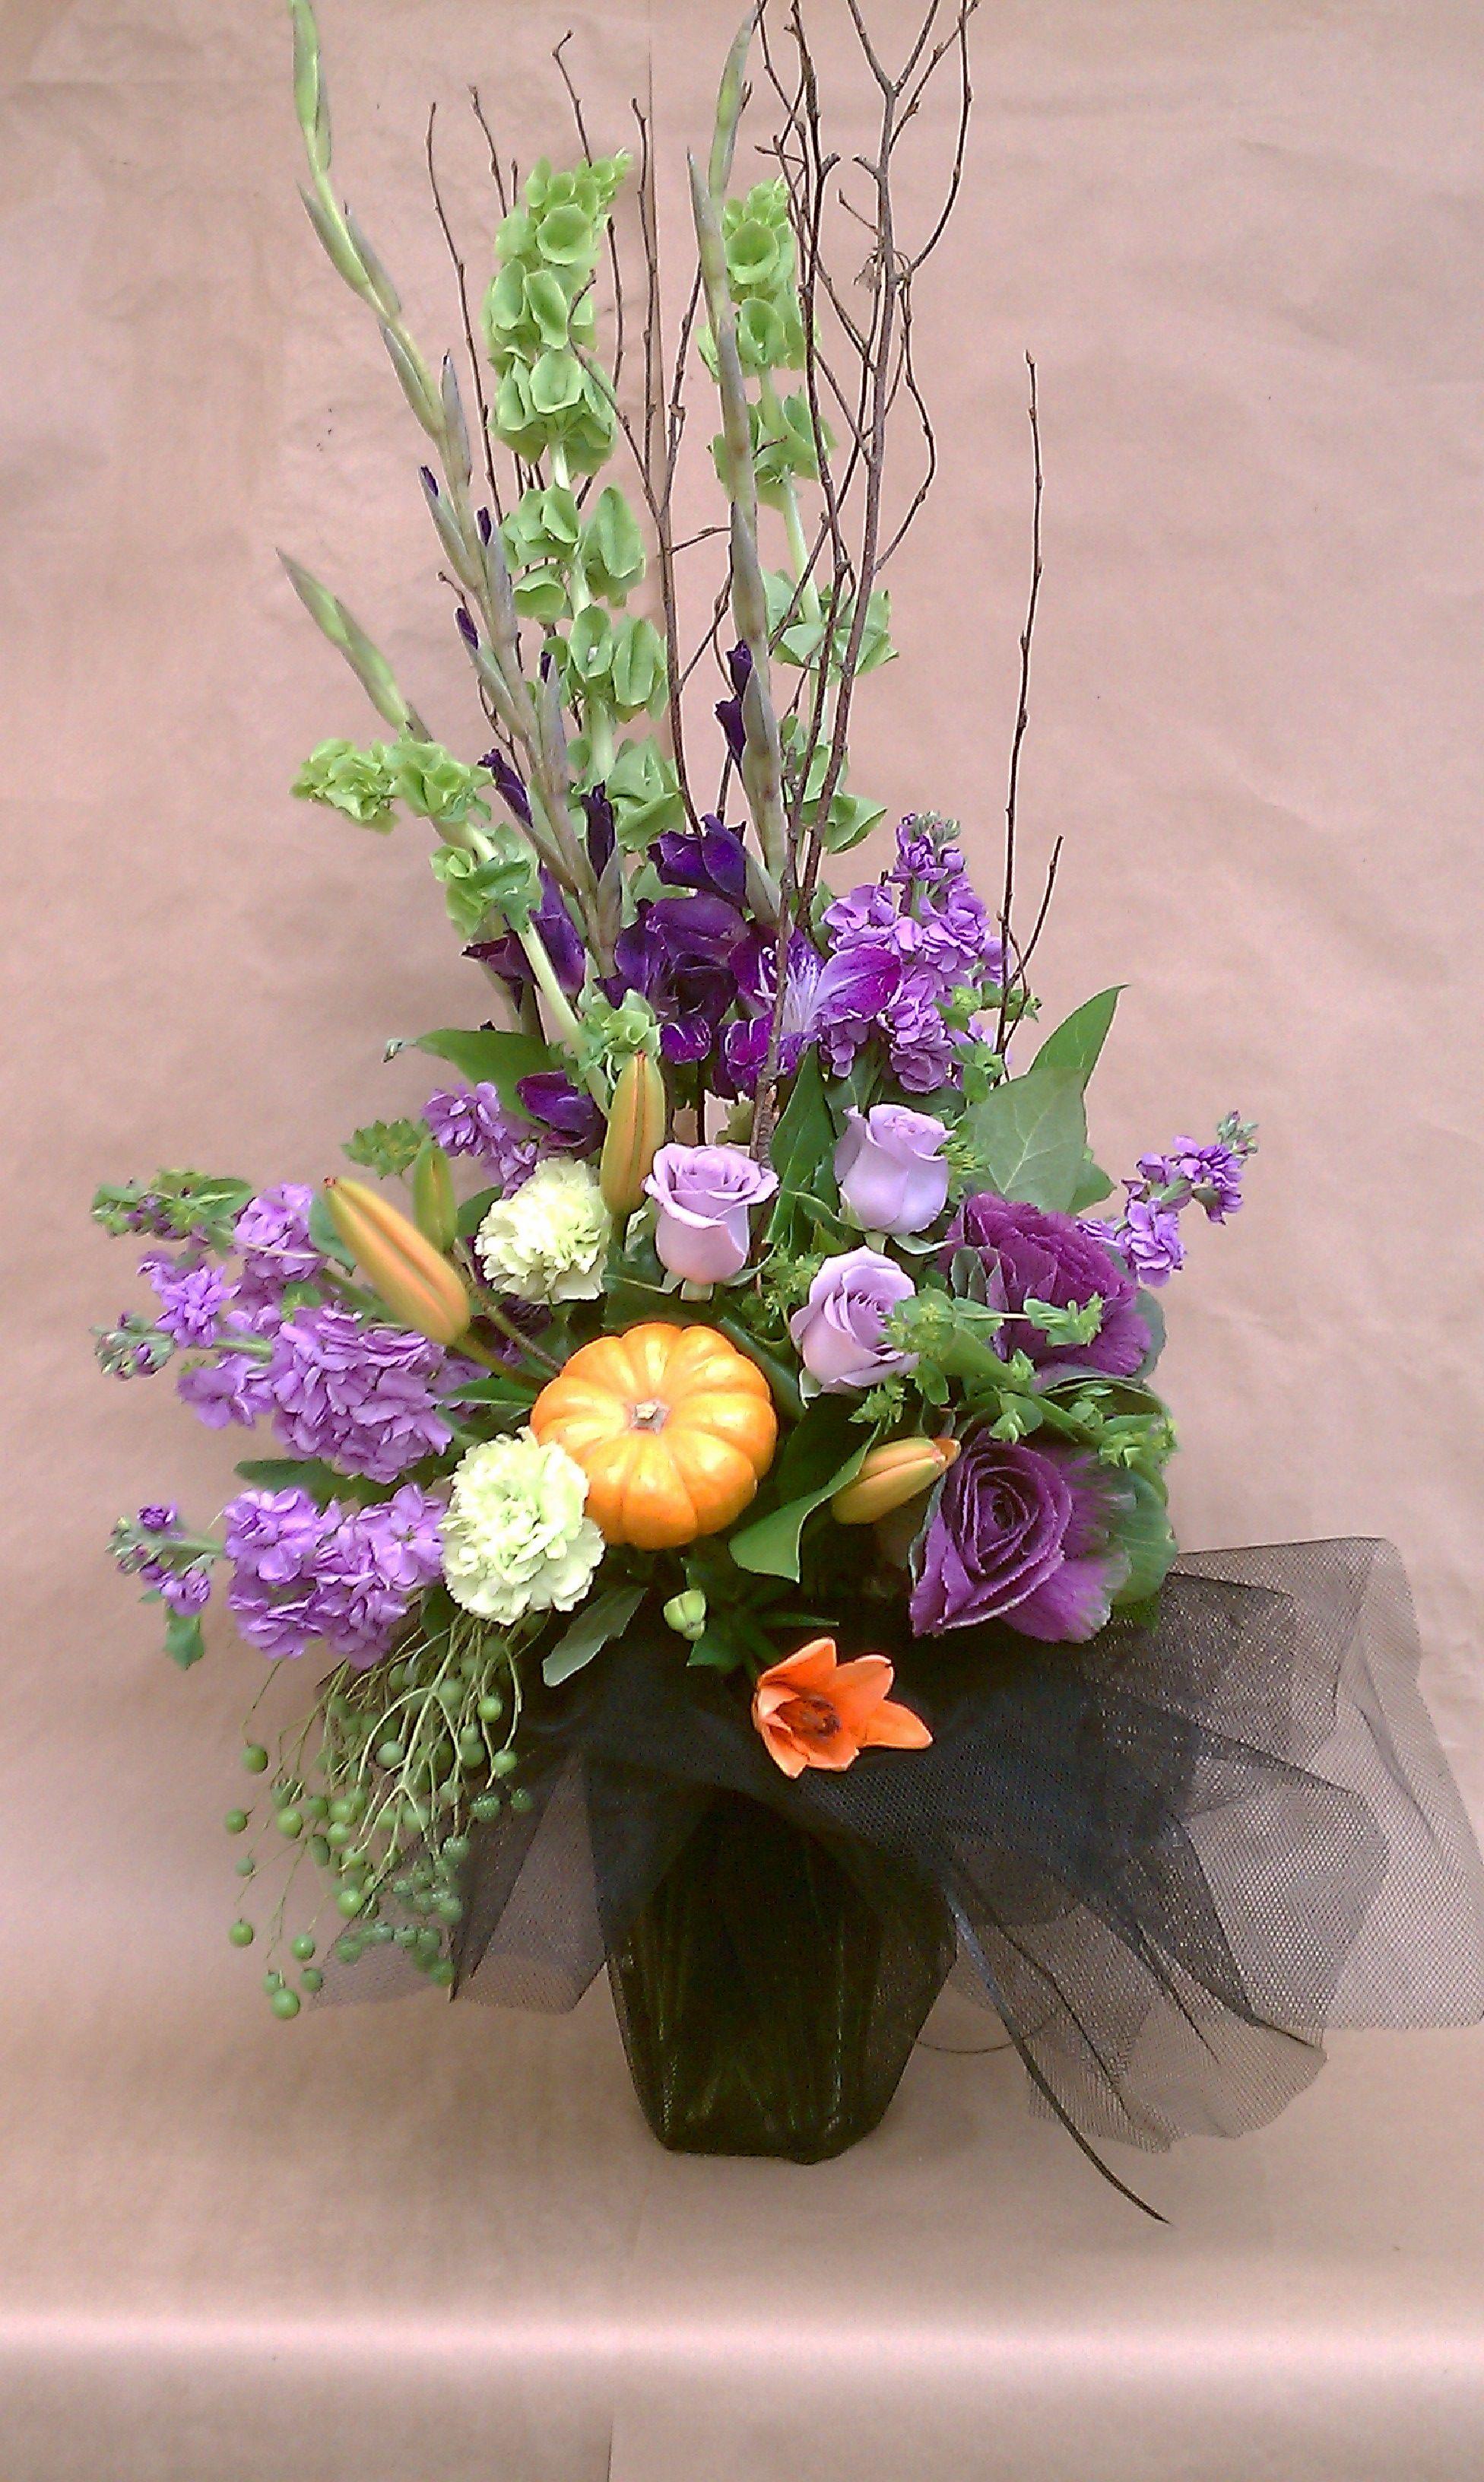 Halloween arrangement floral ideas pinterest for Ideas for floral arrangements